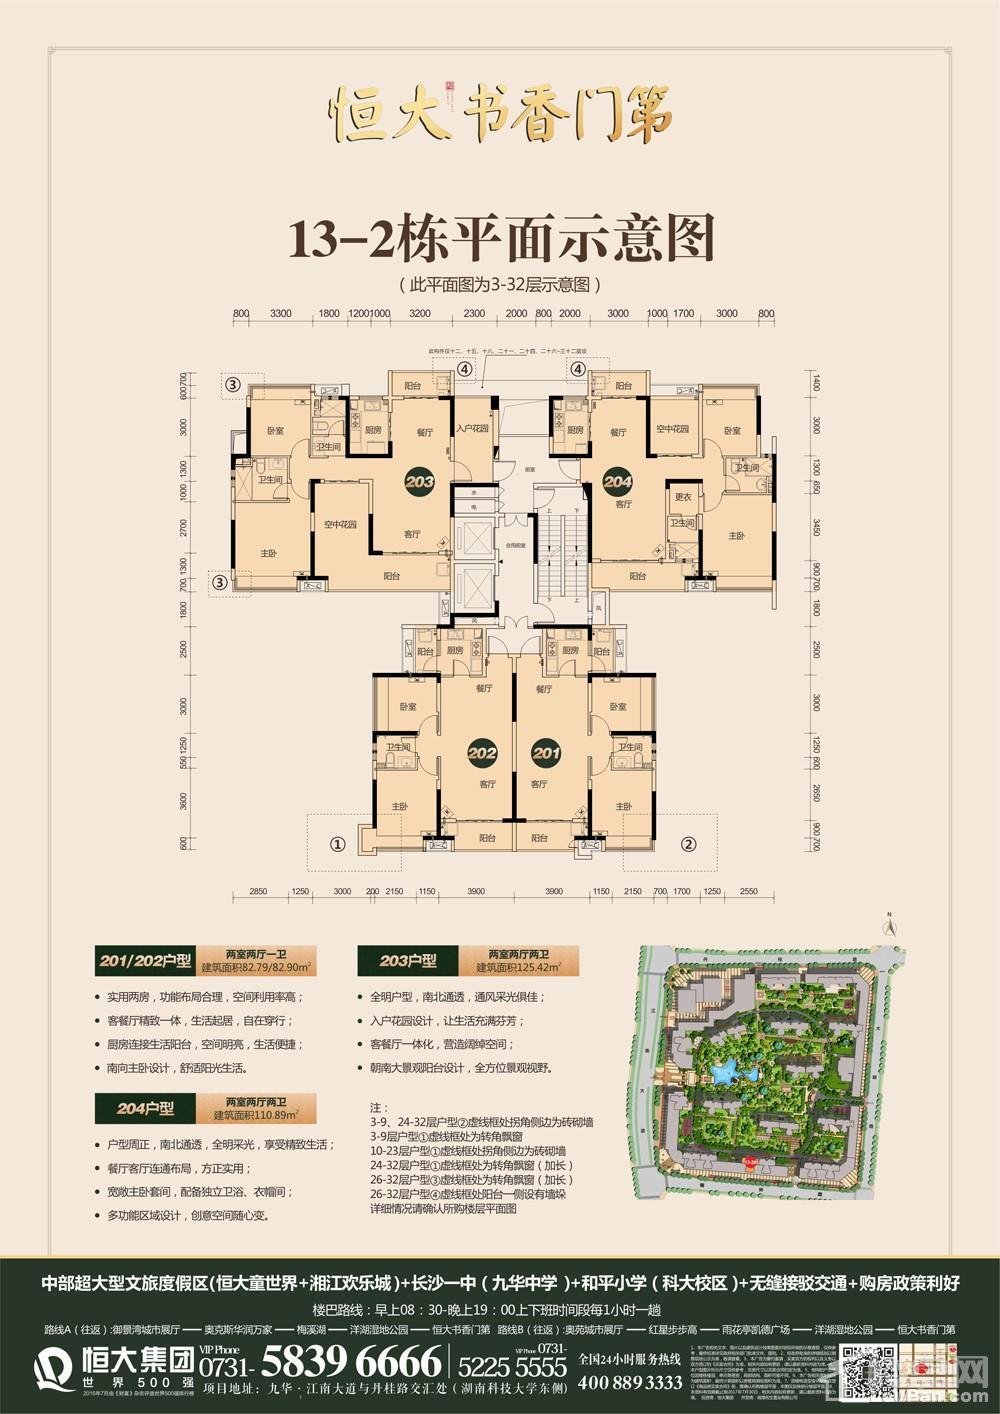 湘潭恒大书香门第13-2#栋户型图